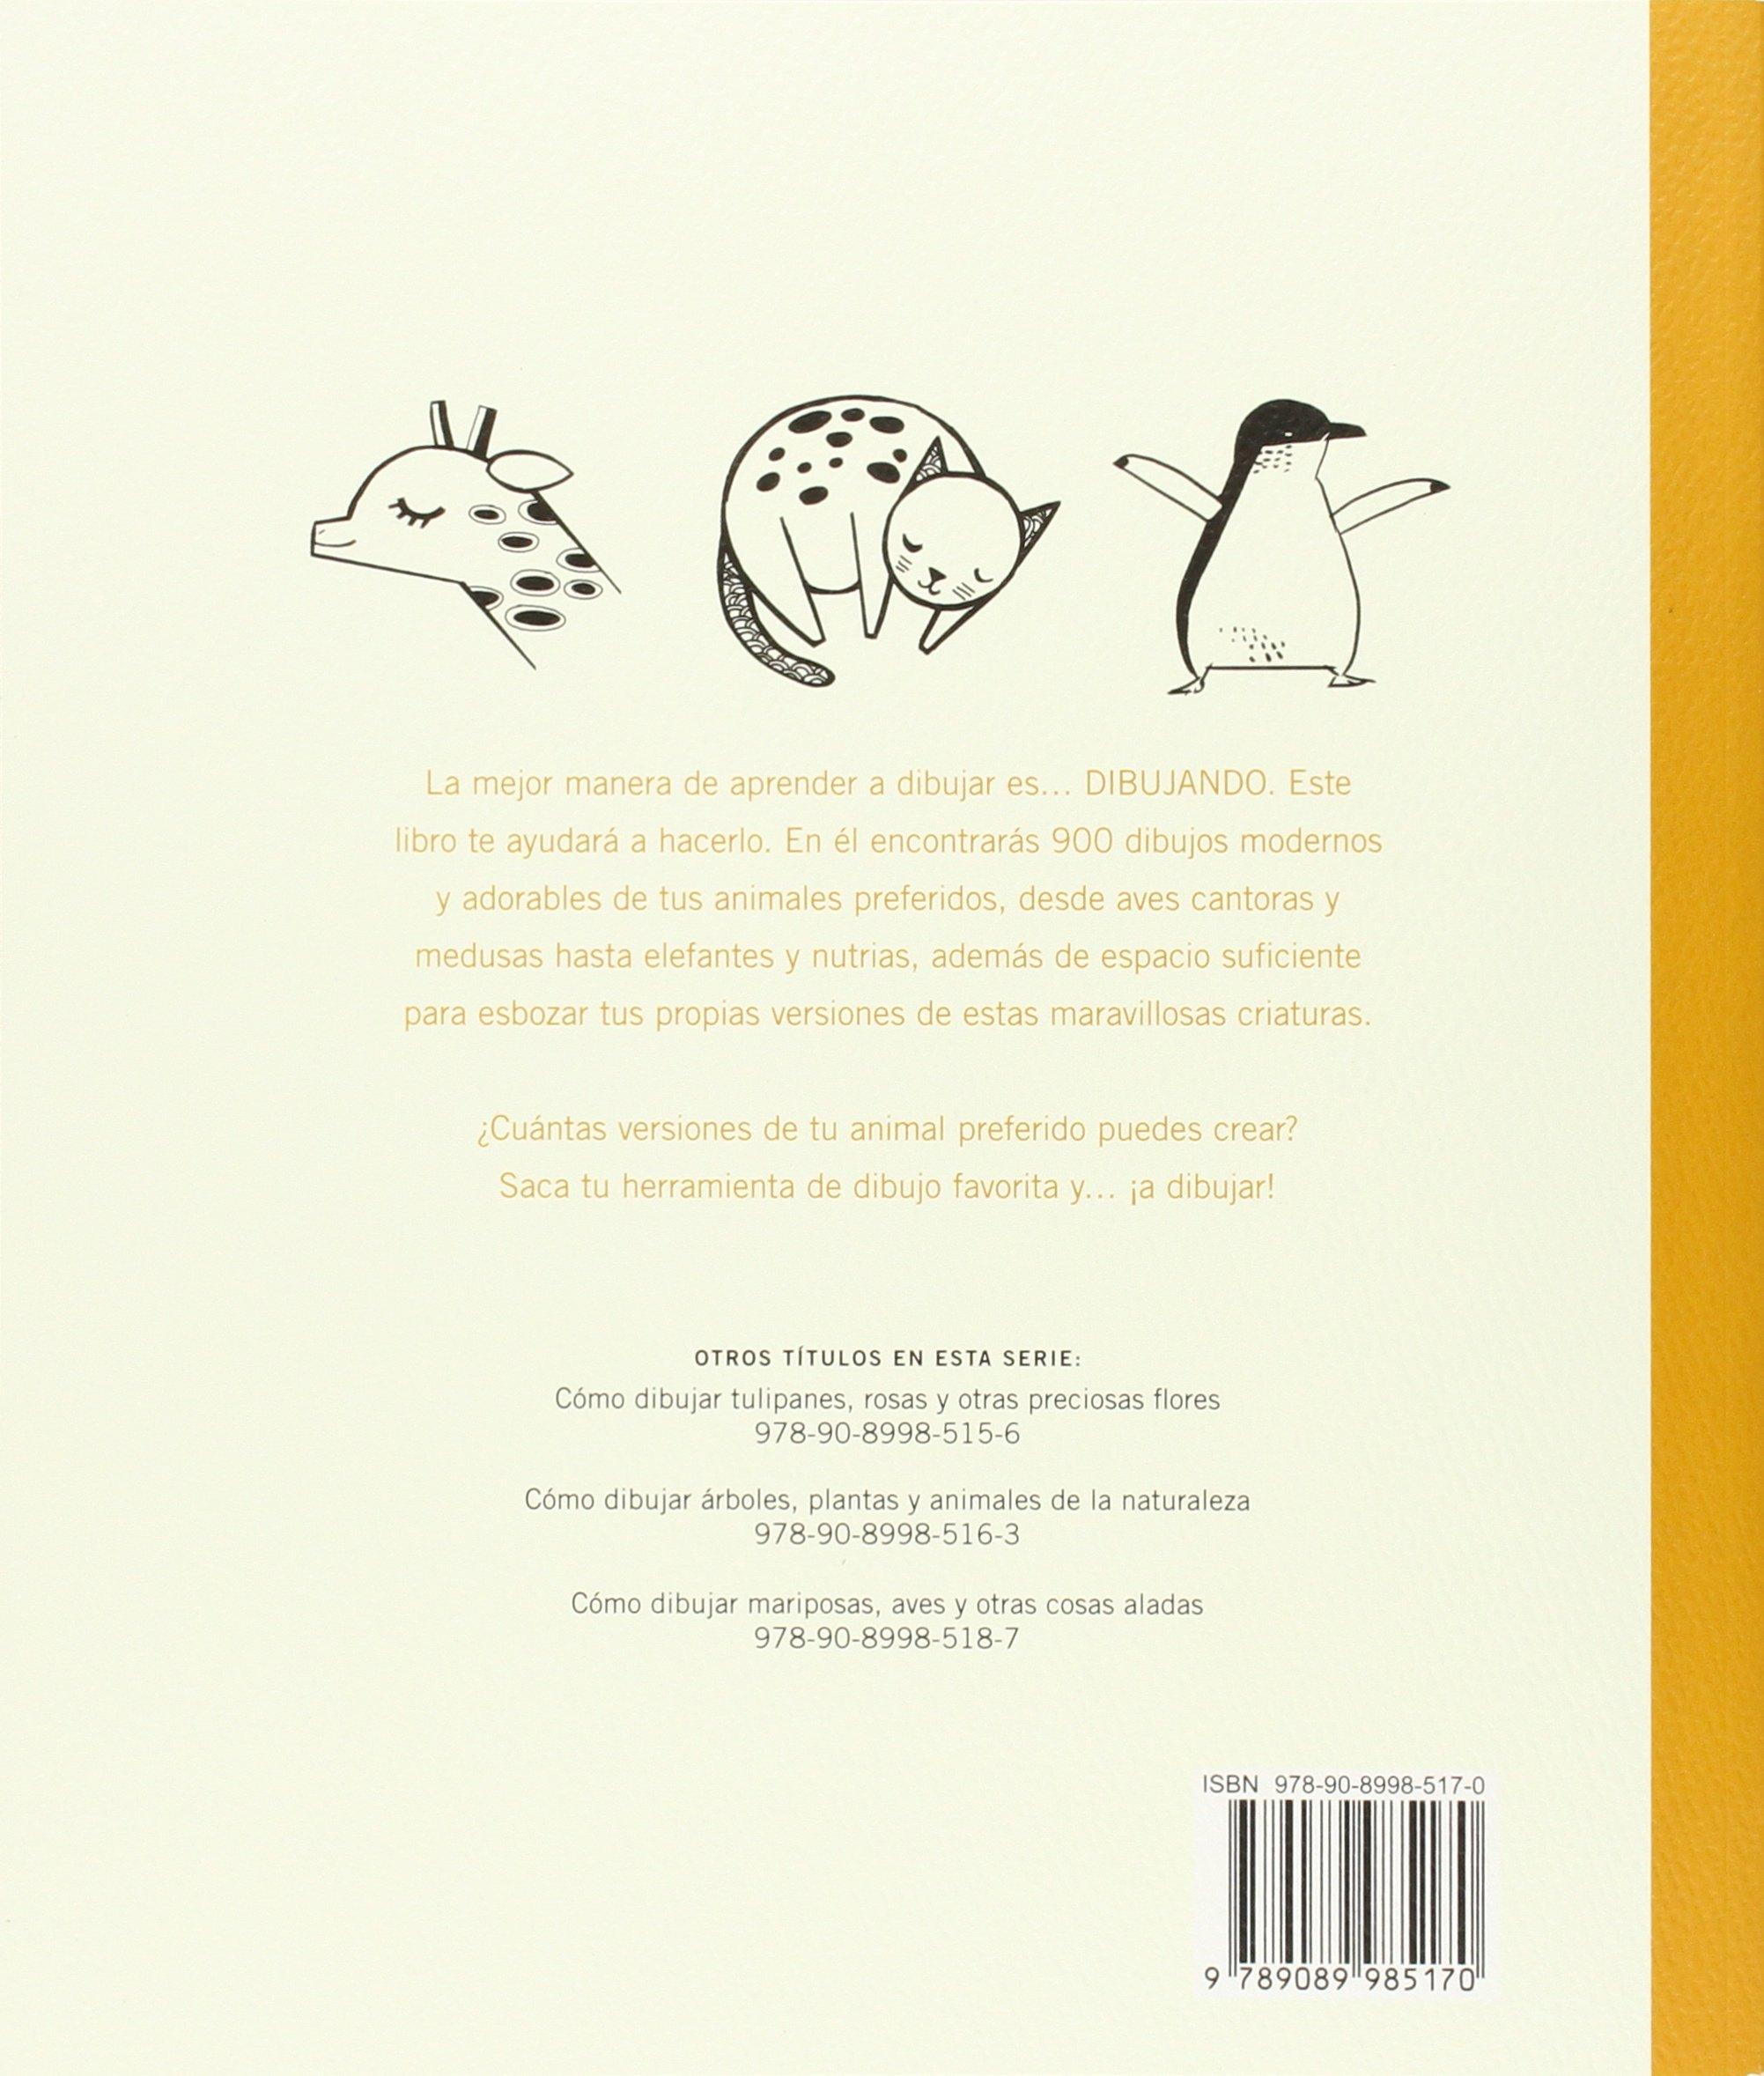 Cómo dibujar, perros, gatos y otros animales: KUO(985170): 9789089985170: Amazon.com: Books